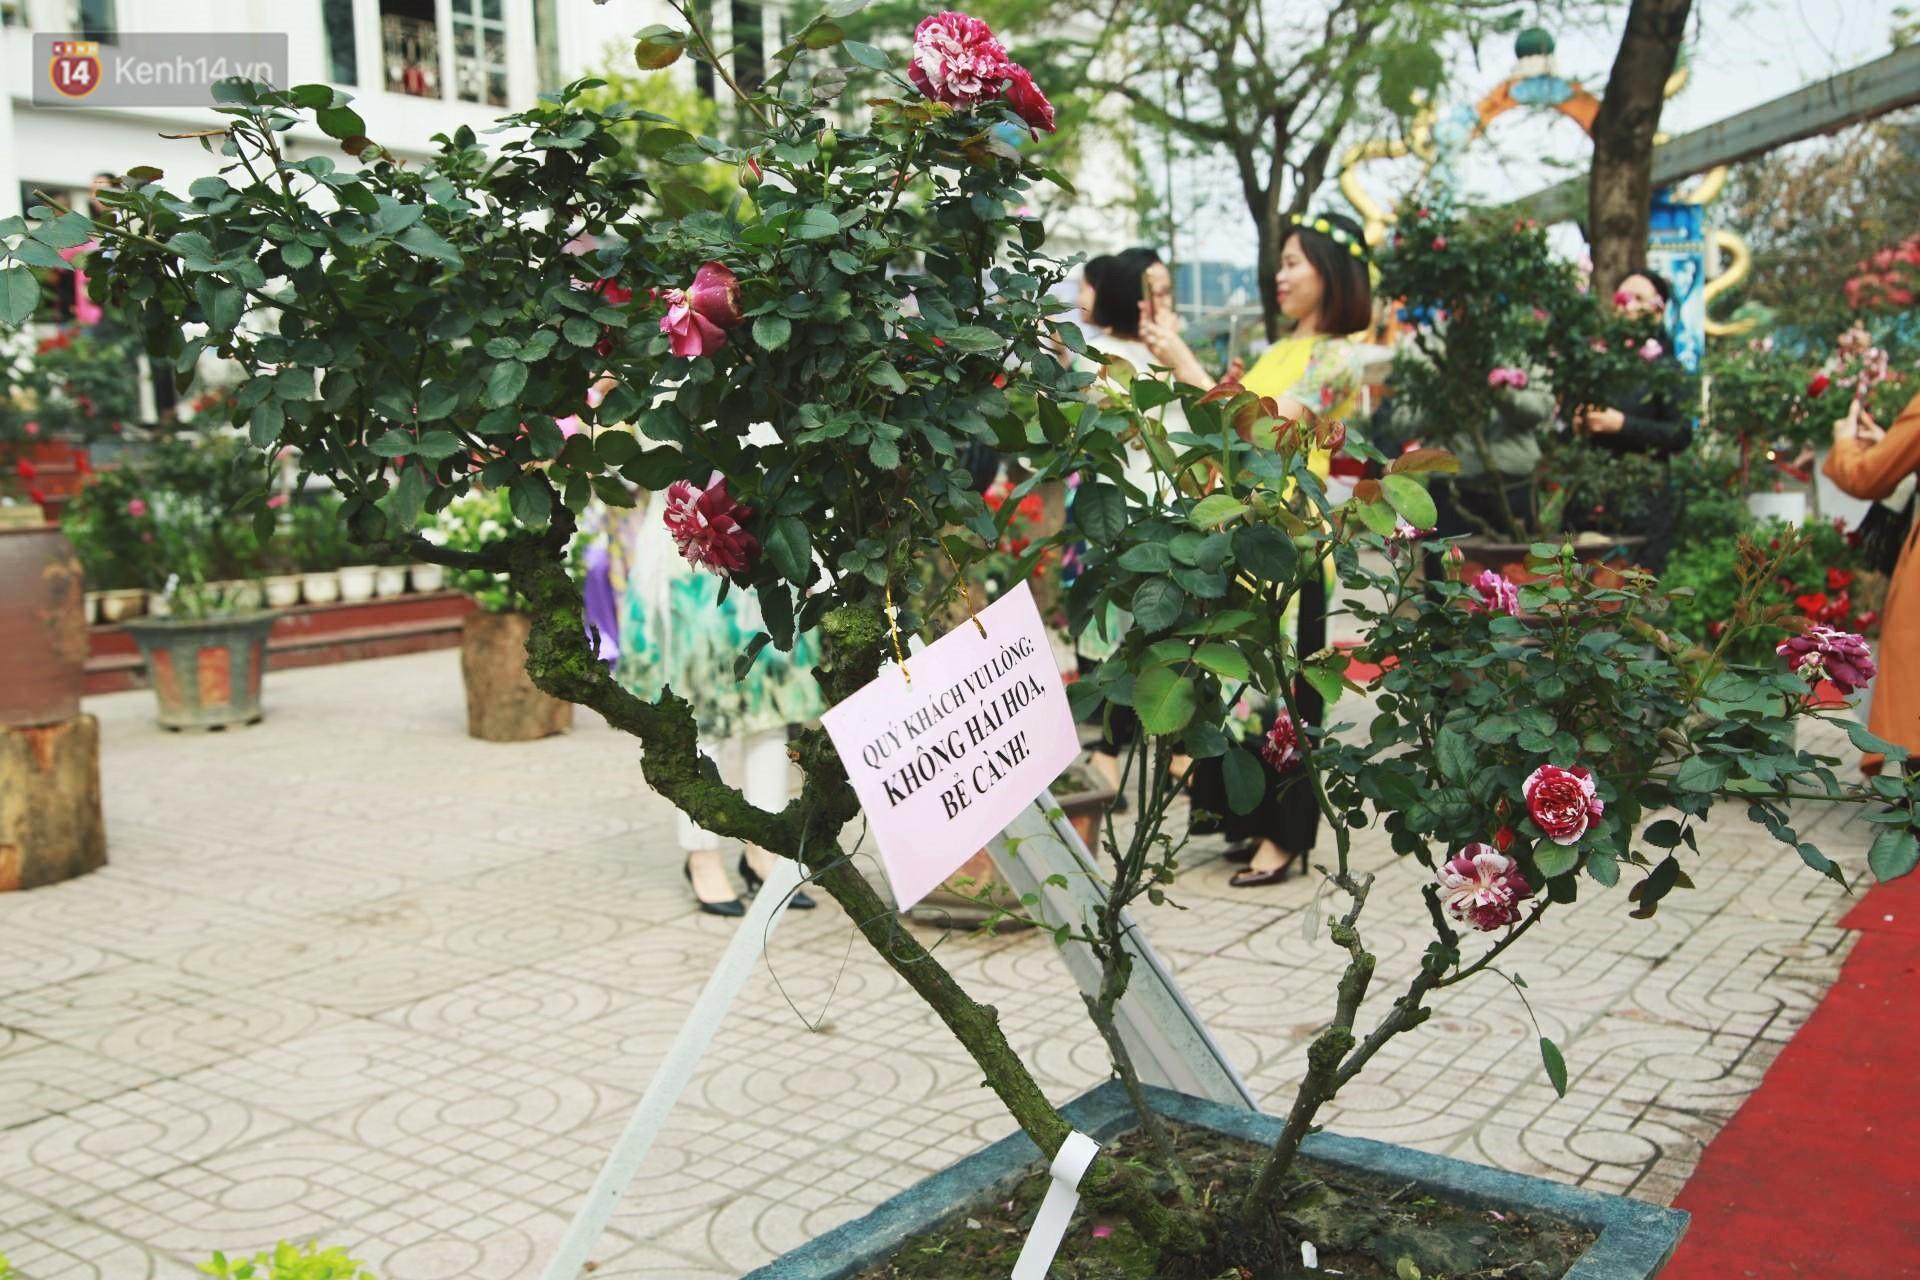 Lễ hội hoa hồng Bulgaria khoe sắc với gần 2.000 giống hoa đúng dịp Quốc tế phụ nữ 8/3 - Ảnh 7.